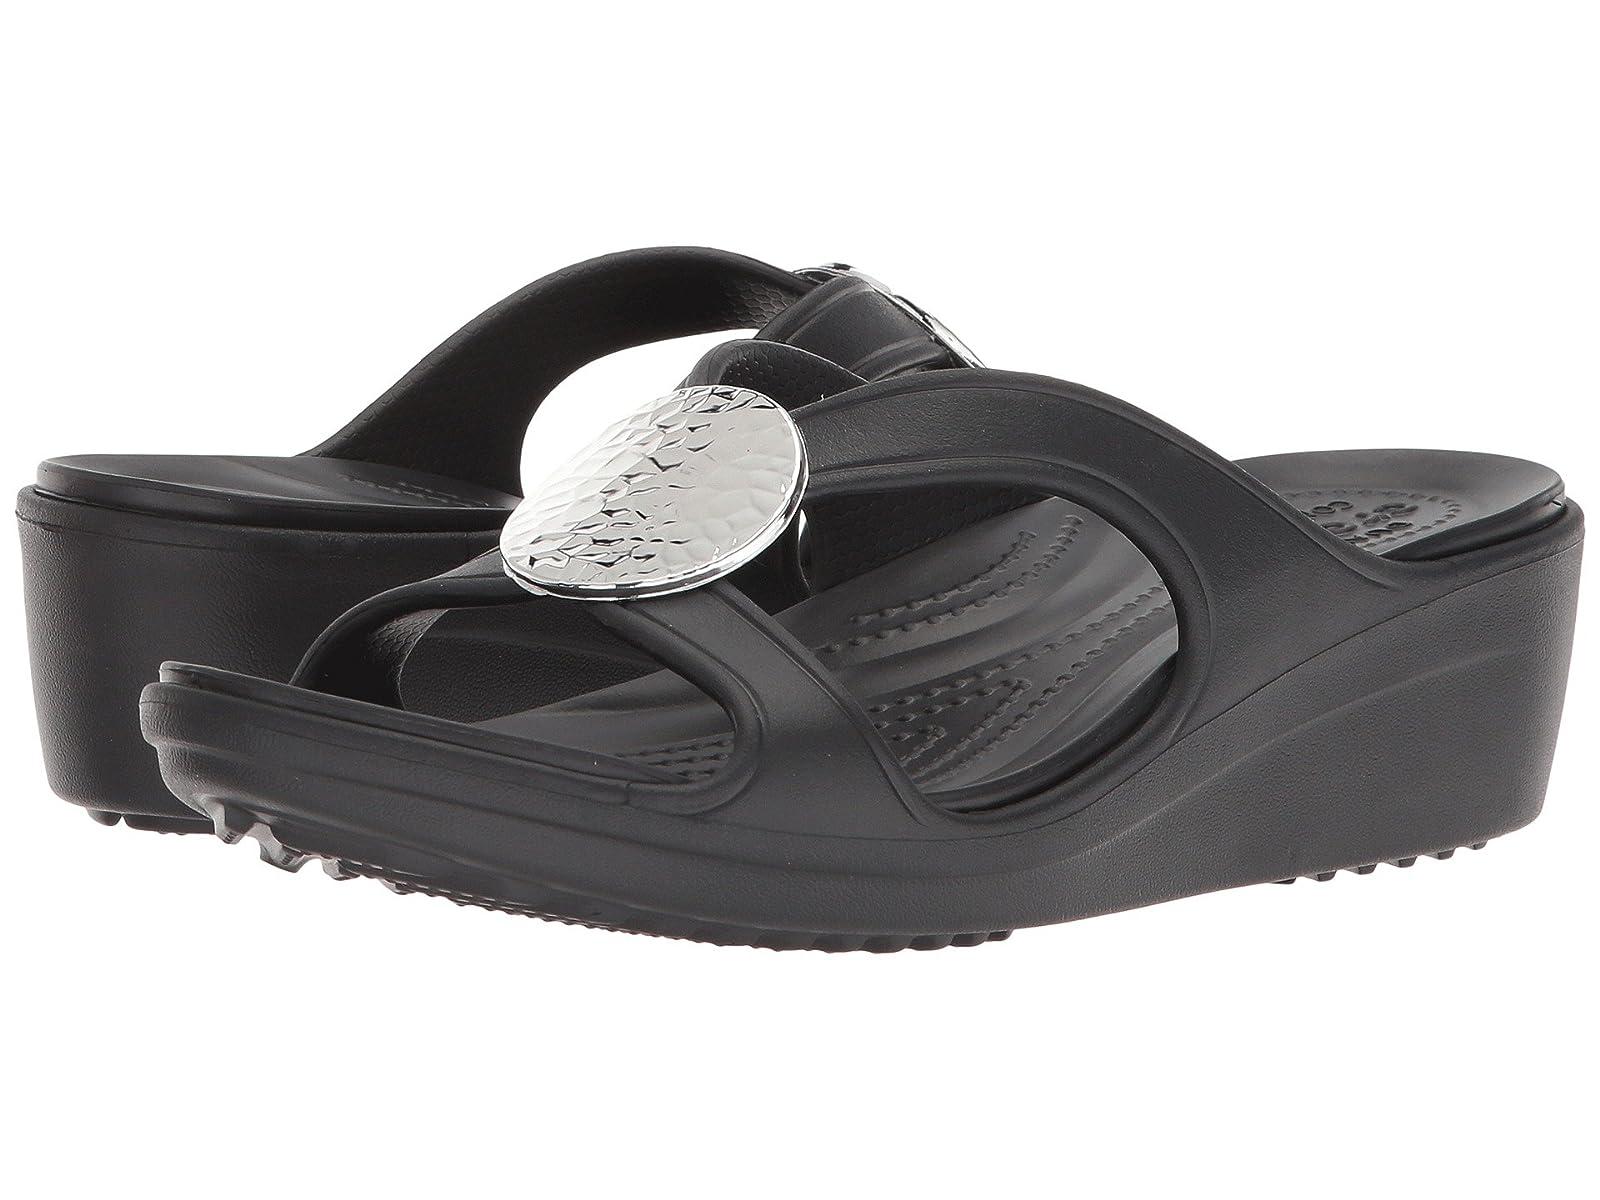 Crocs Sanrah of Hammered Circle Wedge - List of Sanrah tidal shoes -Men's/Women's c3e89b